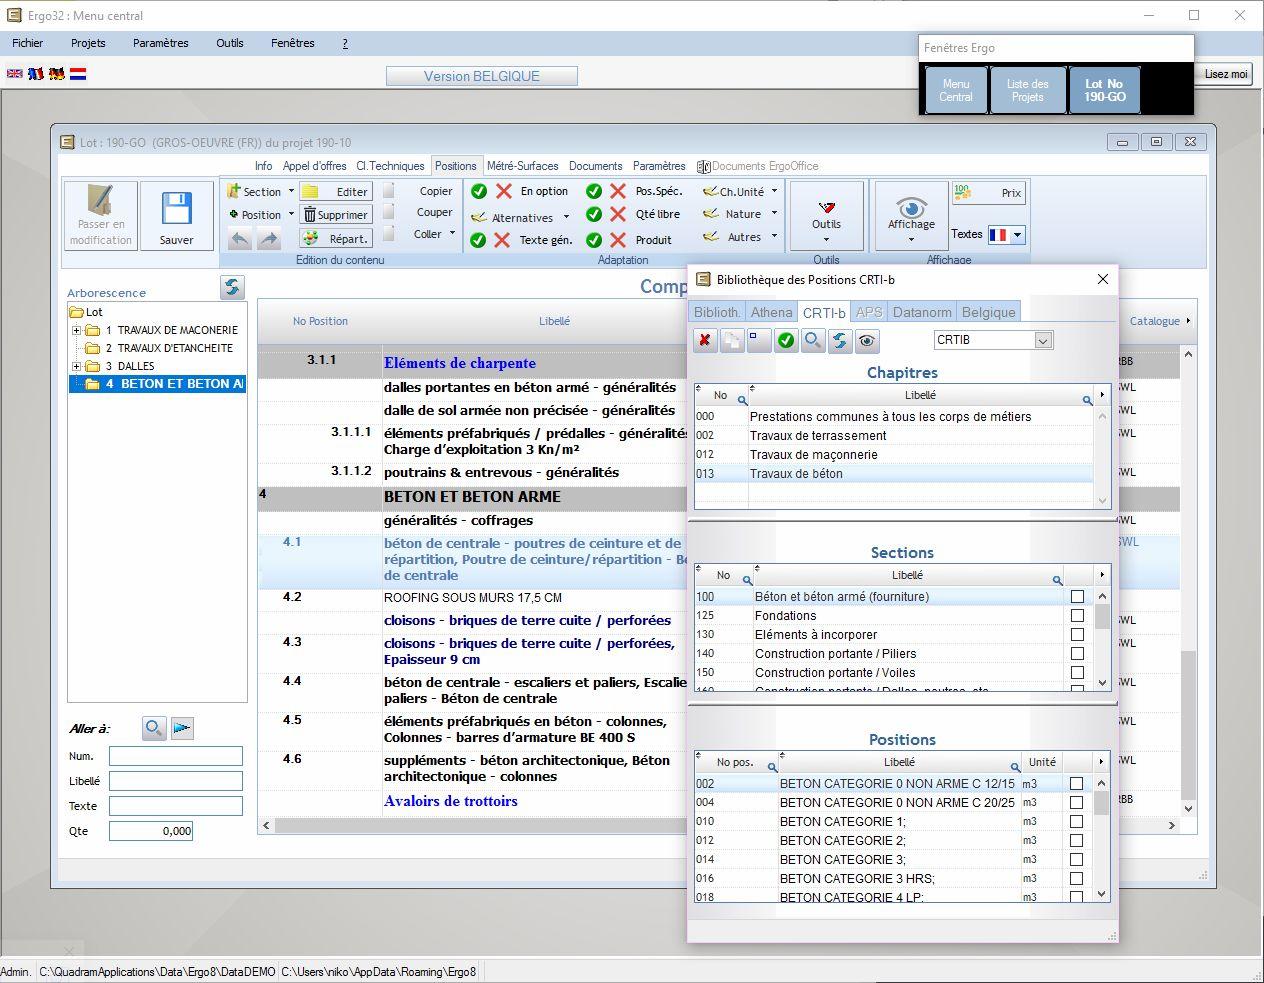 Capture d'écran de l'espace de travail Ergo Architecte